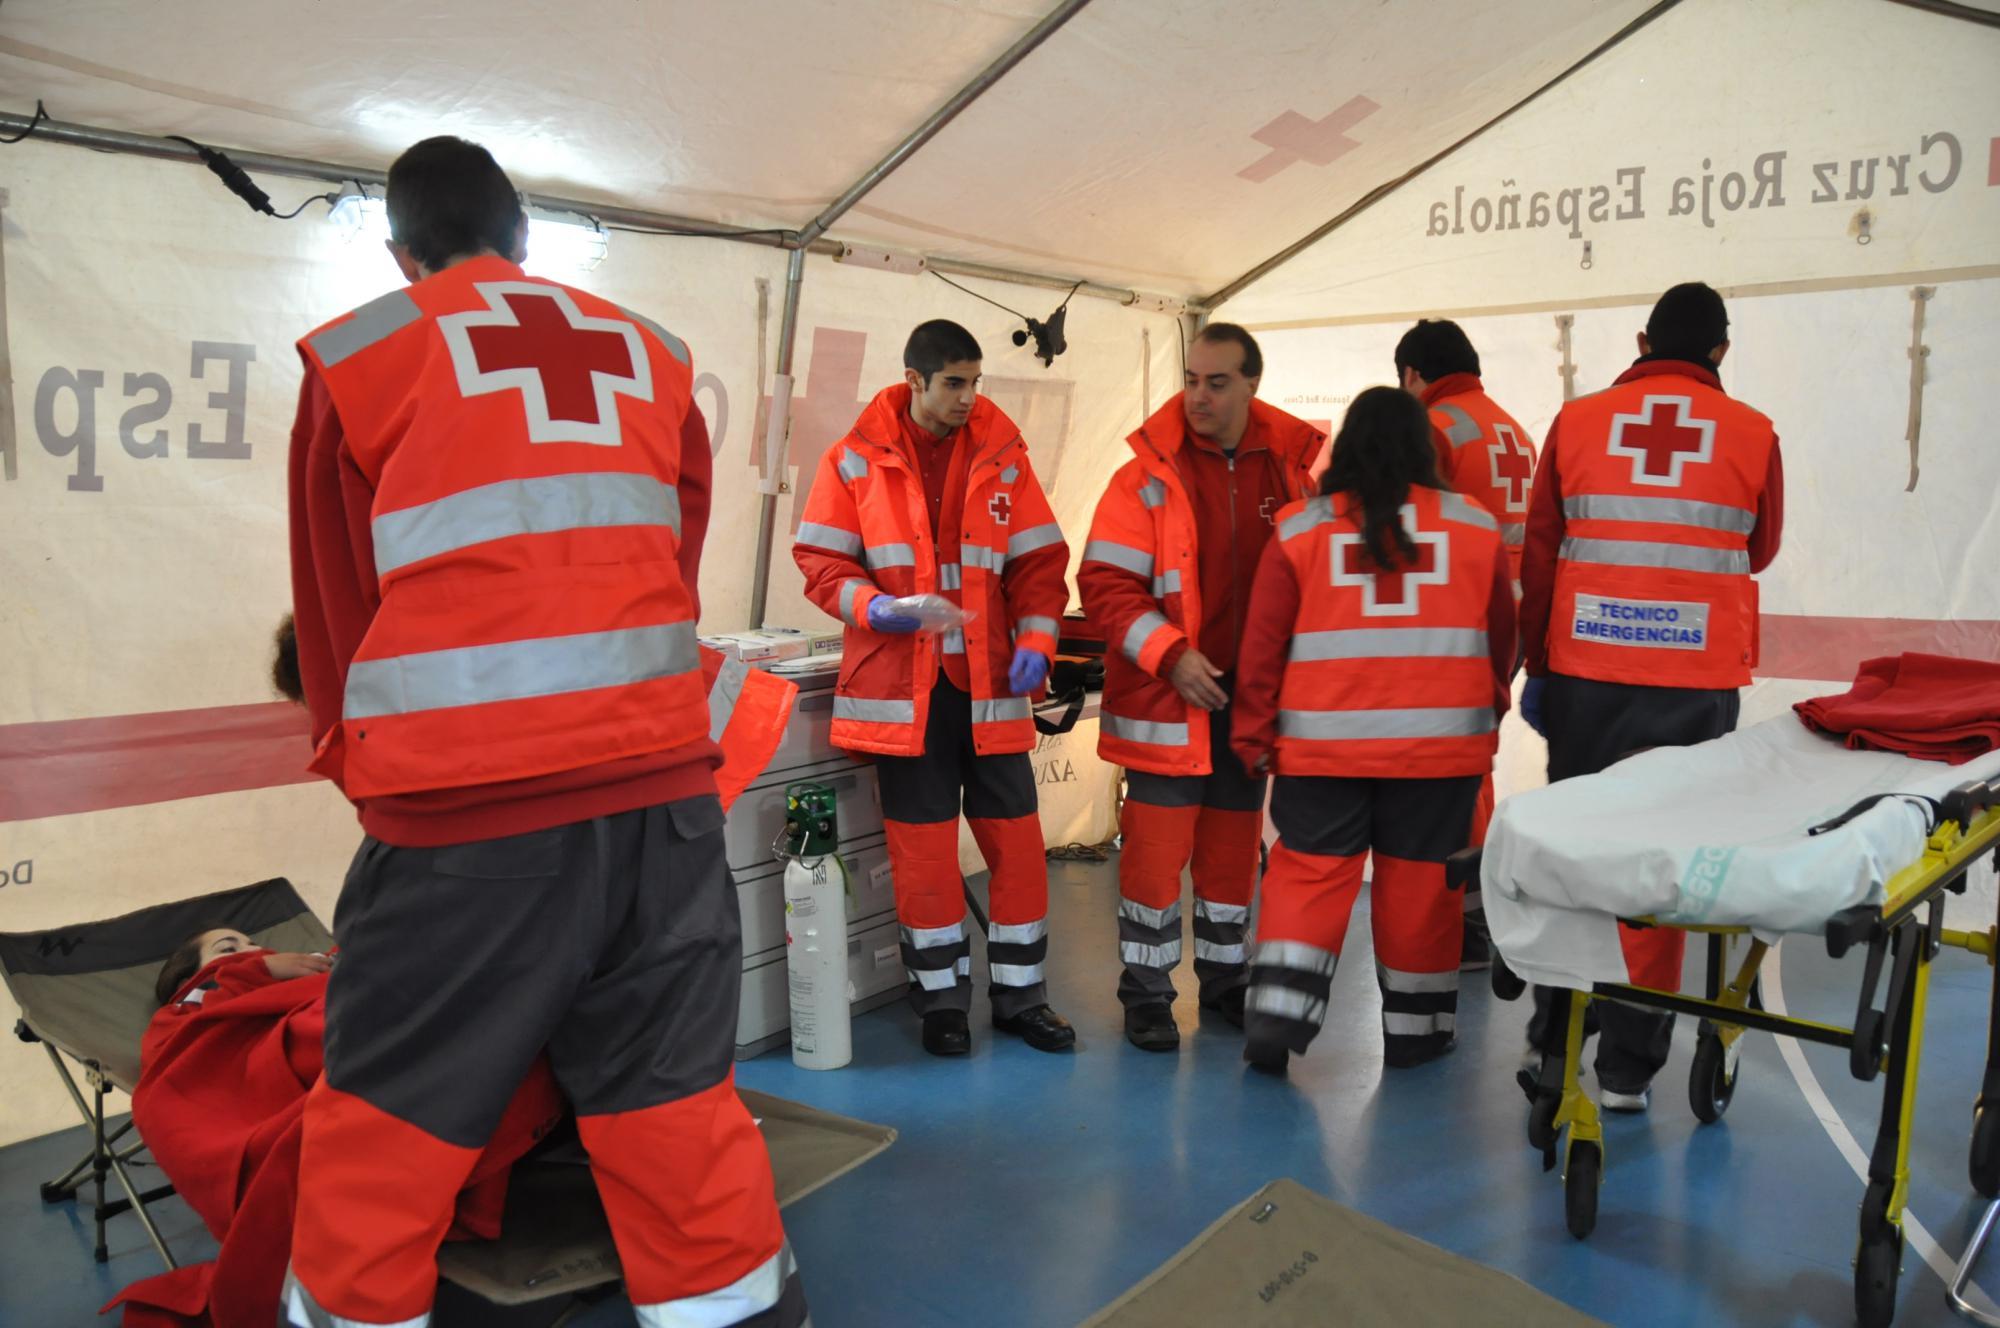 Cruz Roja Española en Guadalajara rinde homenaje este viernes al voluntariado, fuerza y motor de la Institución